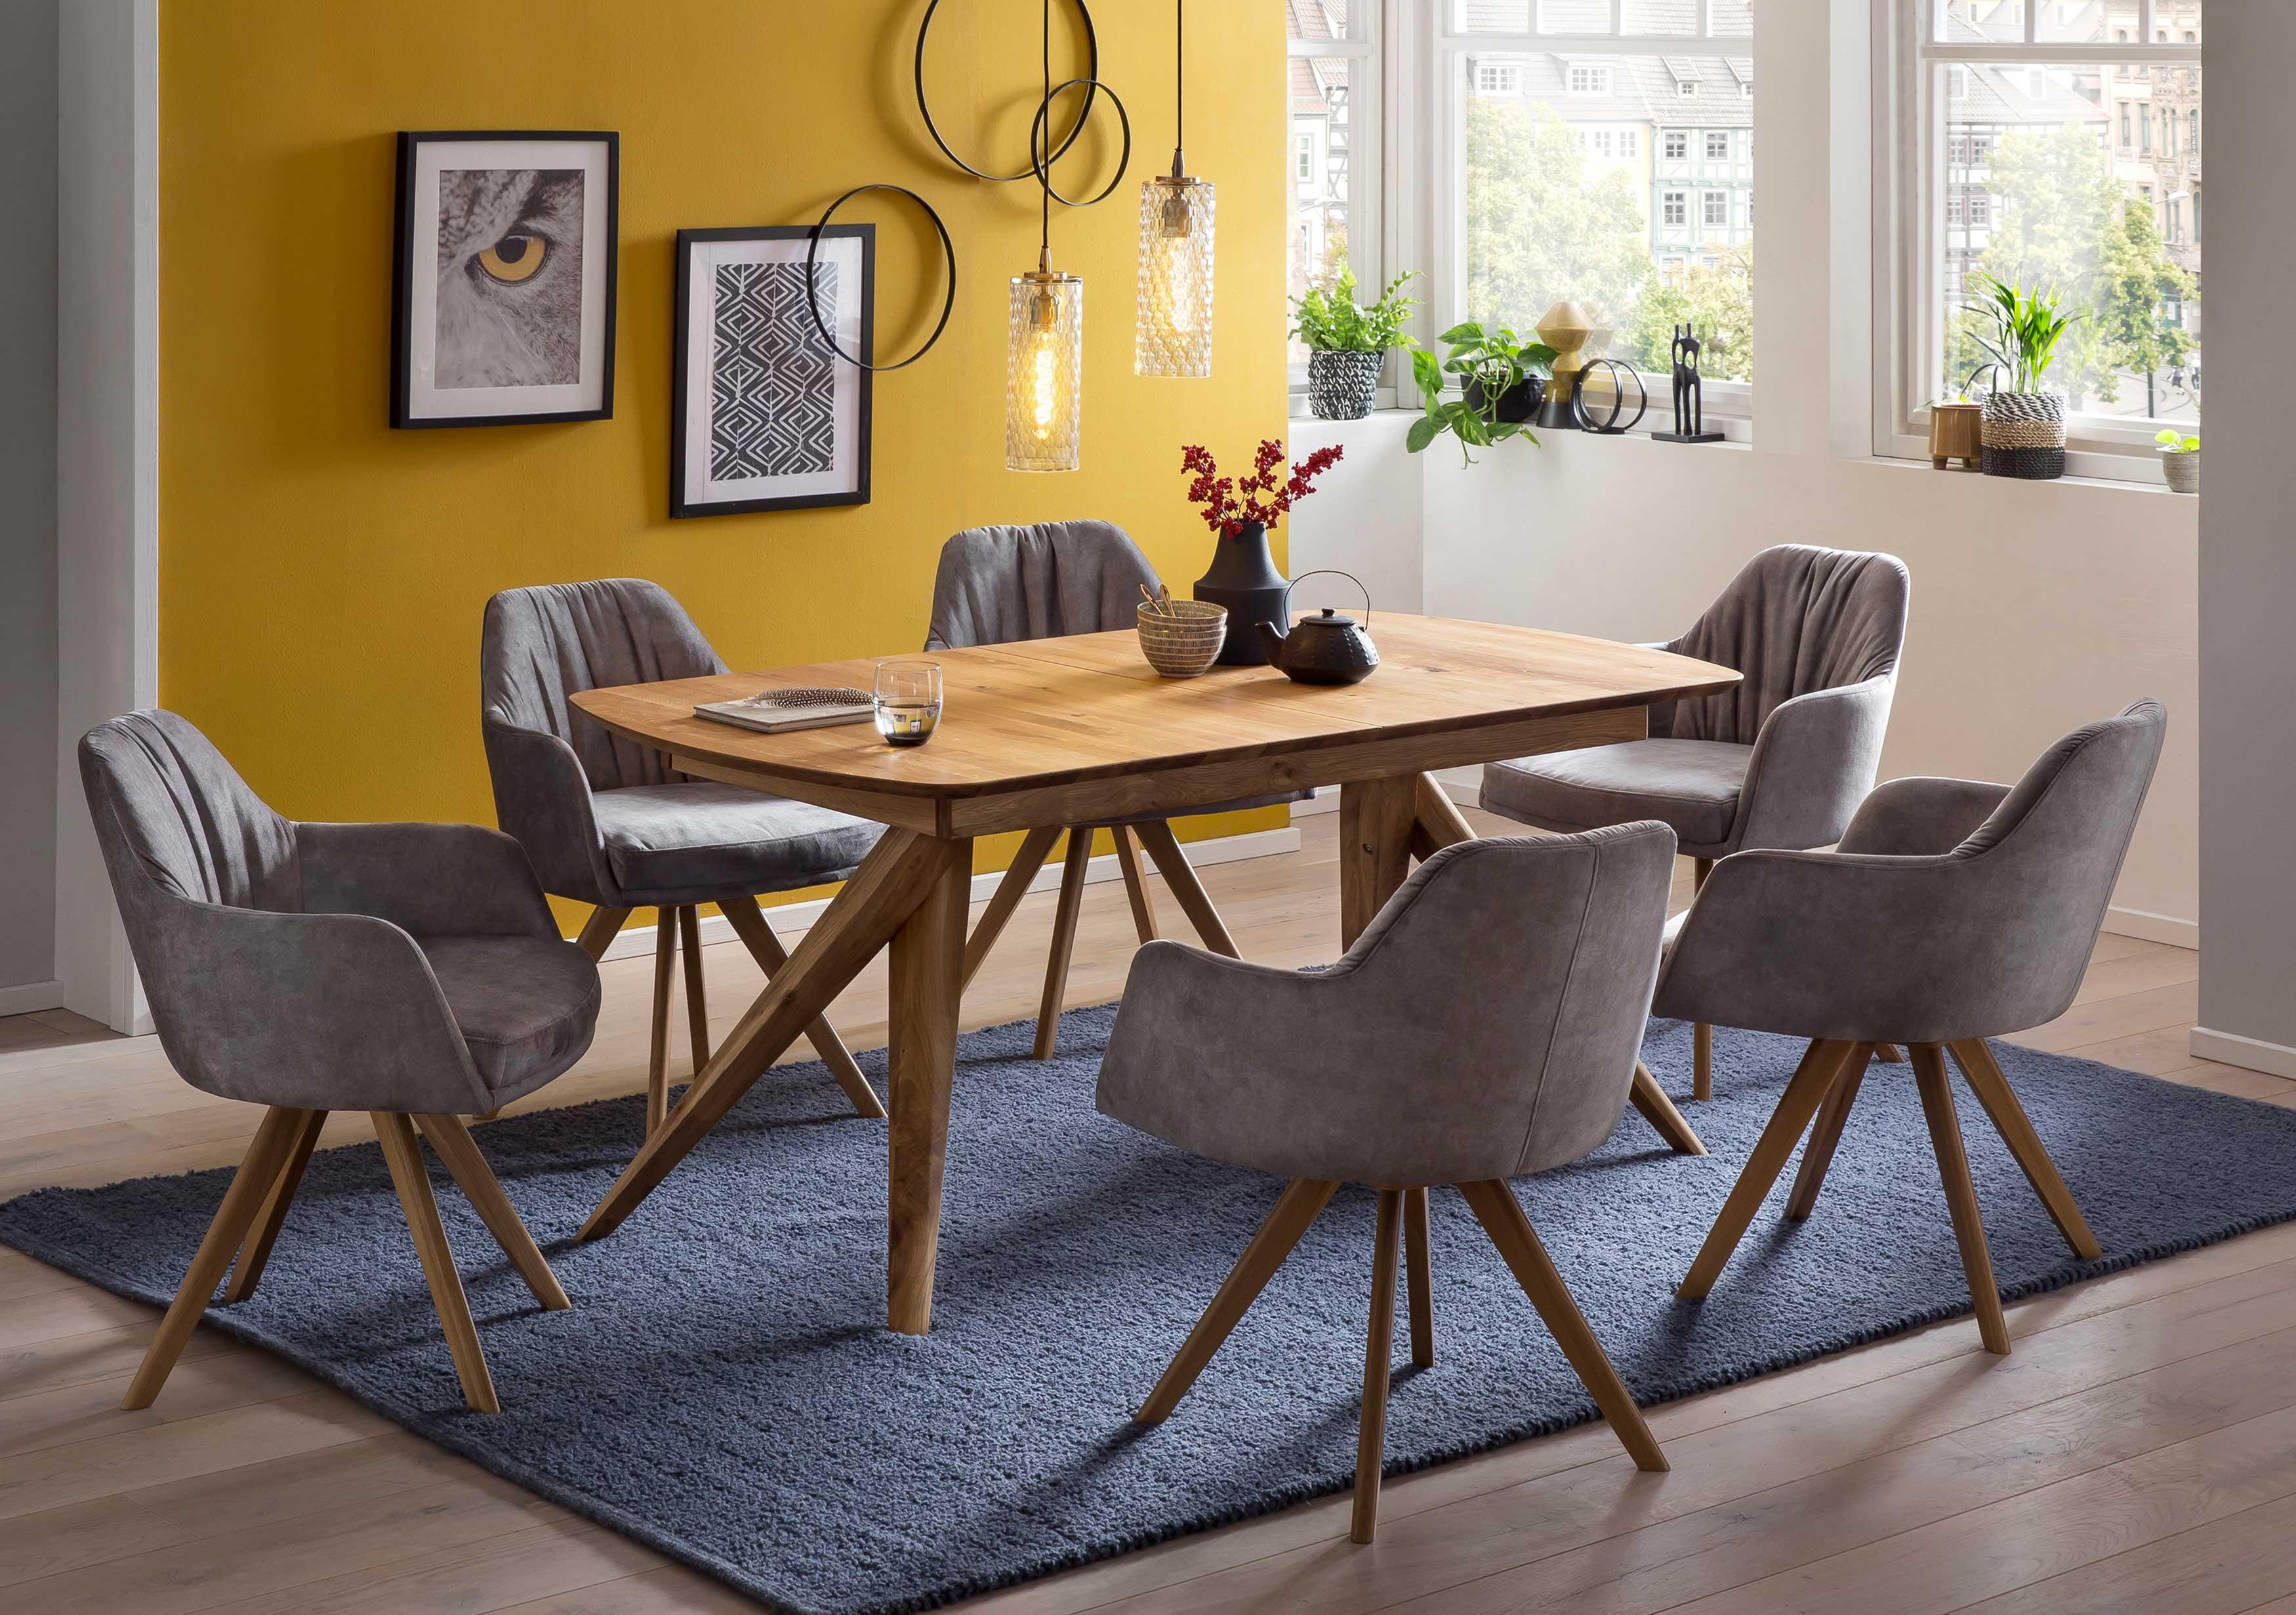 Standard Furniture Tischgruppe eiche rustikal mit Drehsesseln